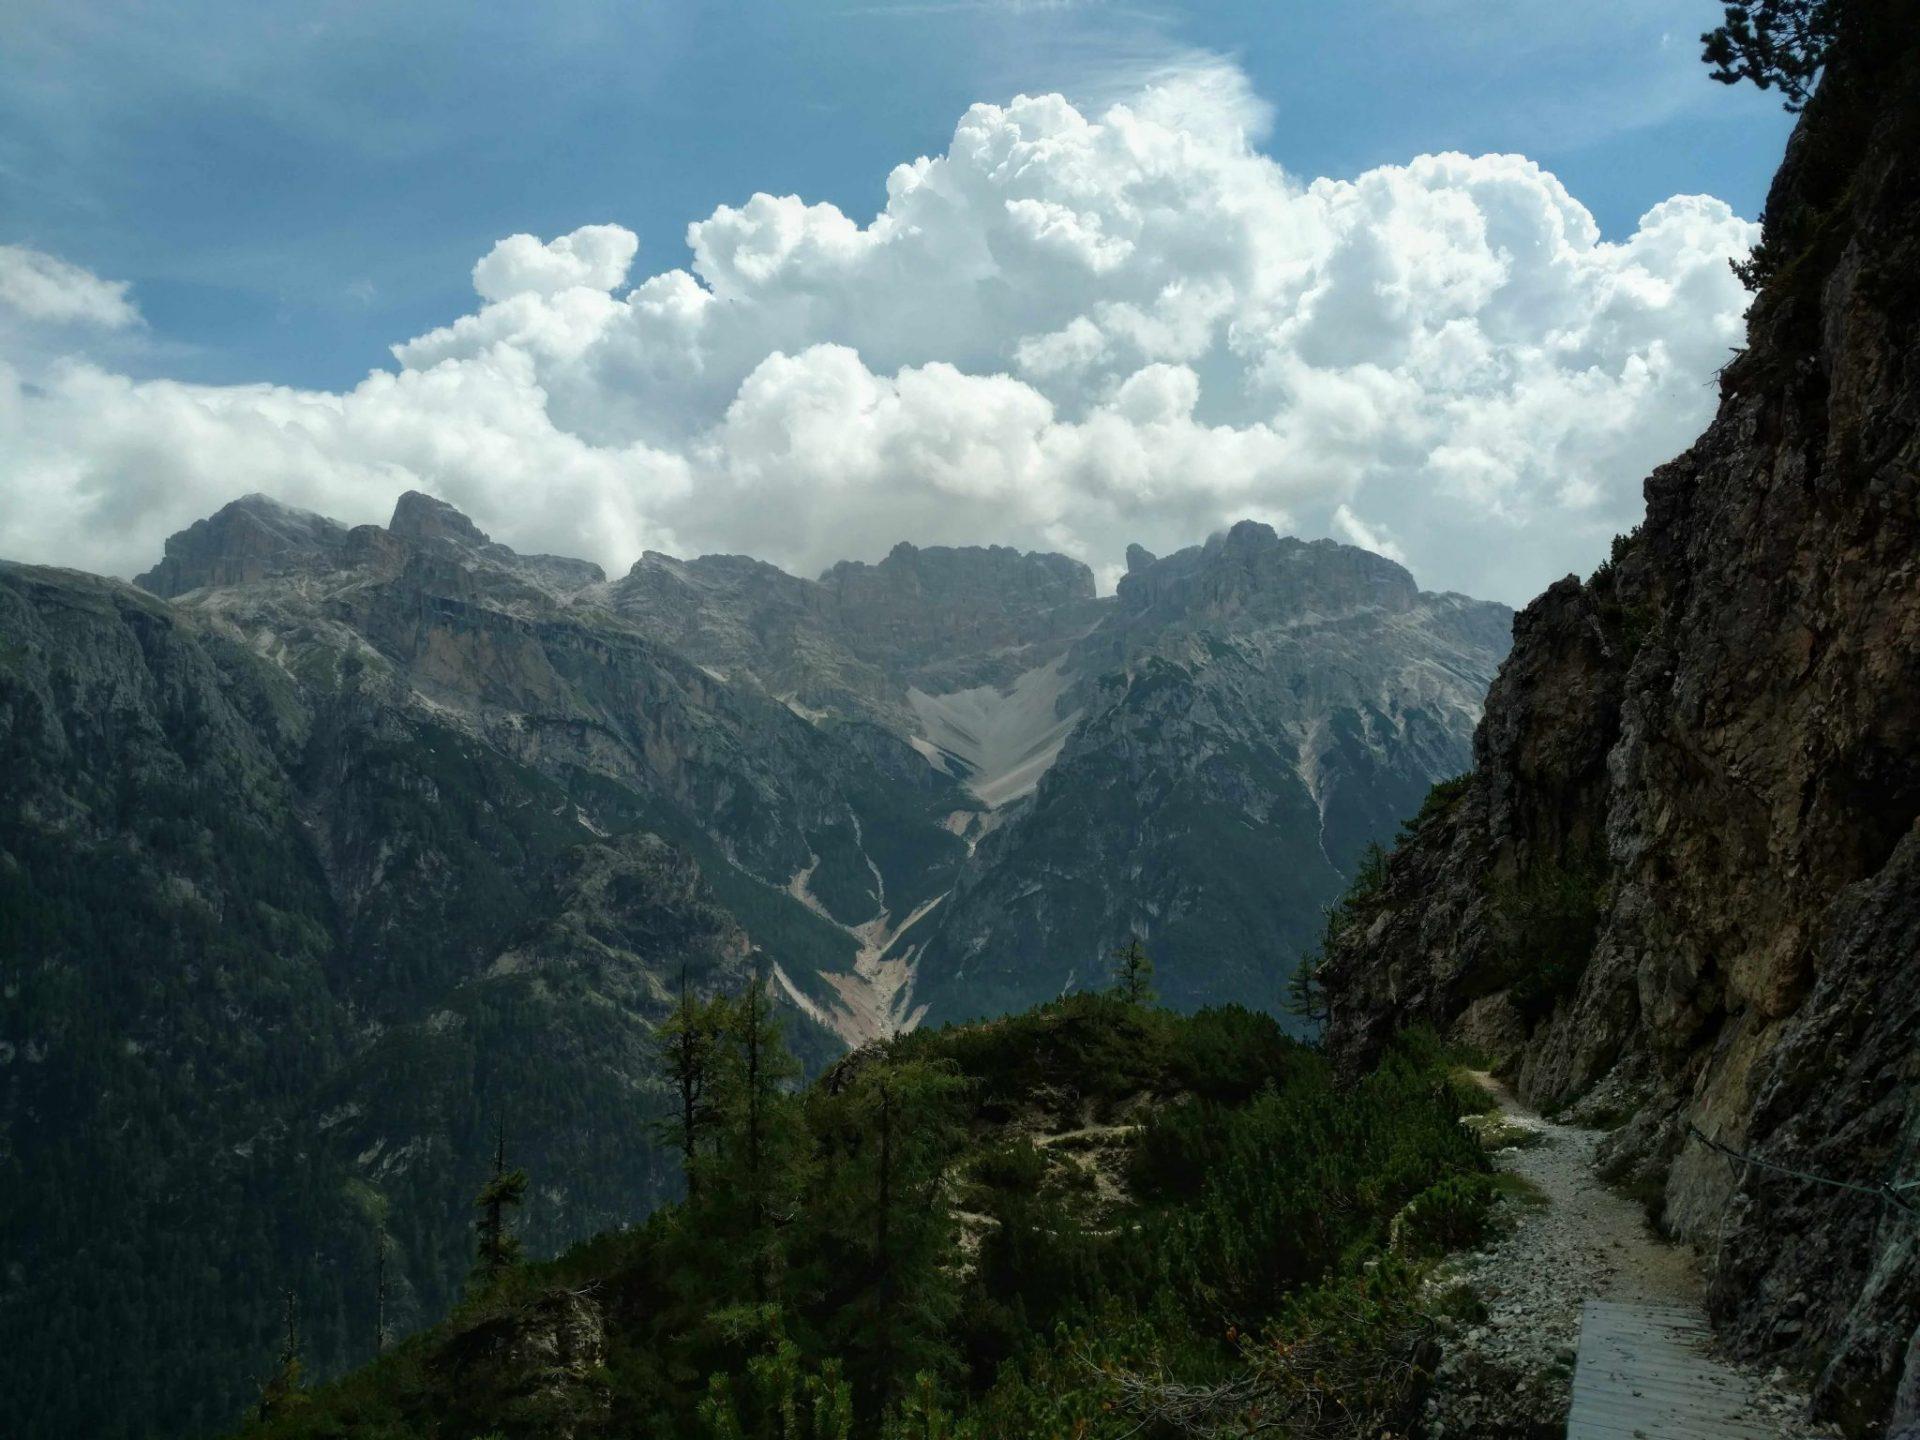 Mooie Höhenweg met wolkjes